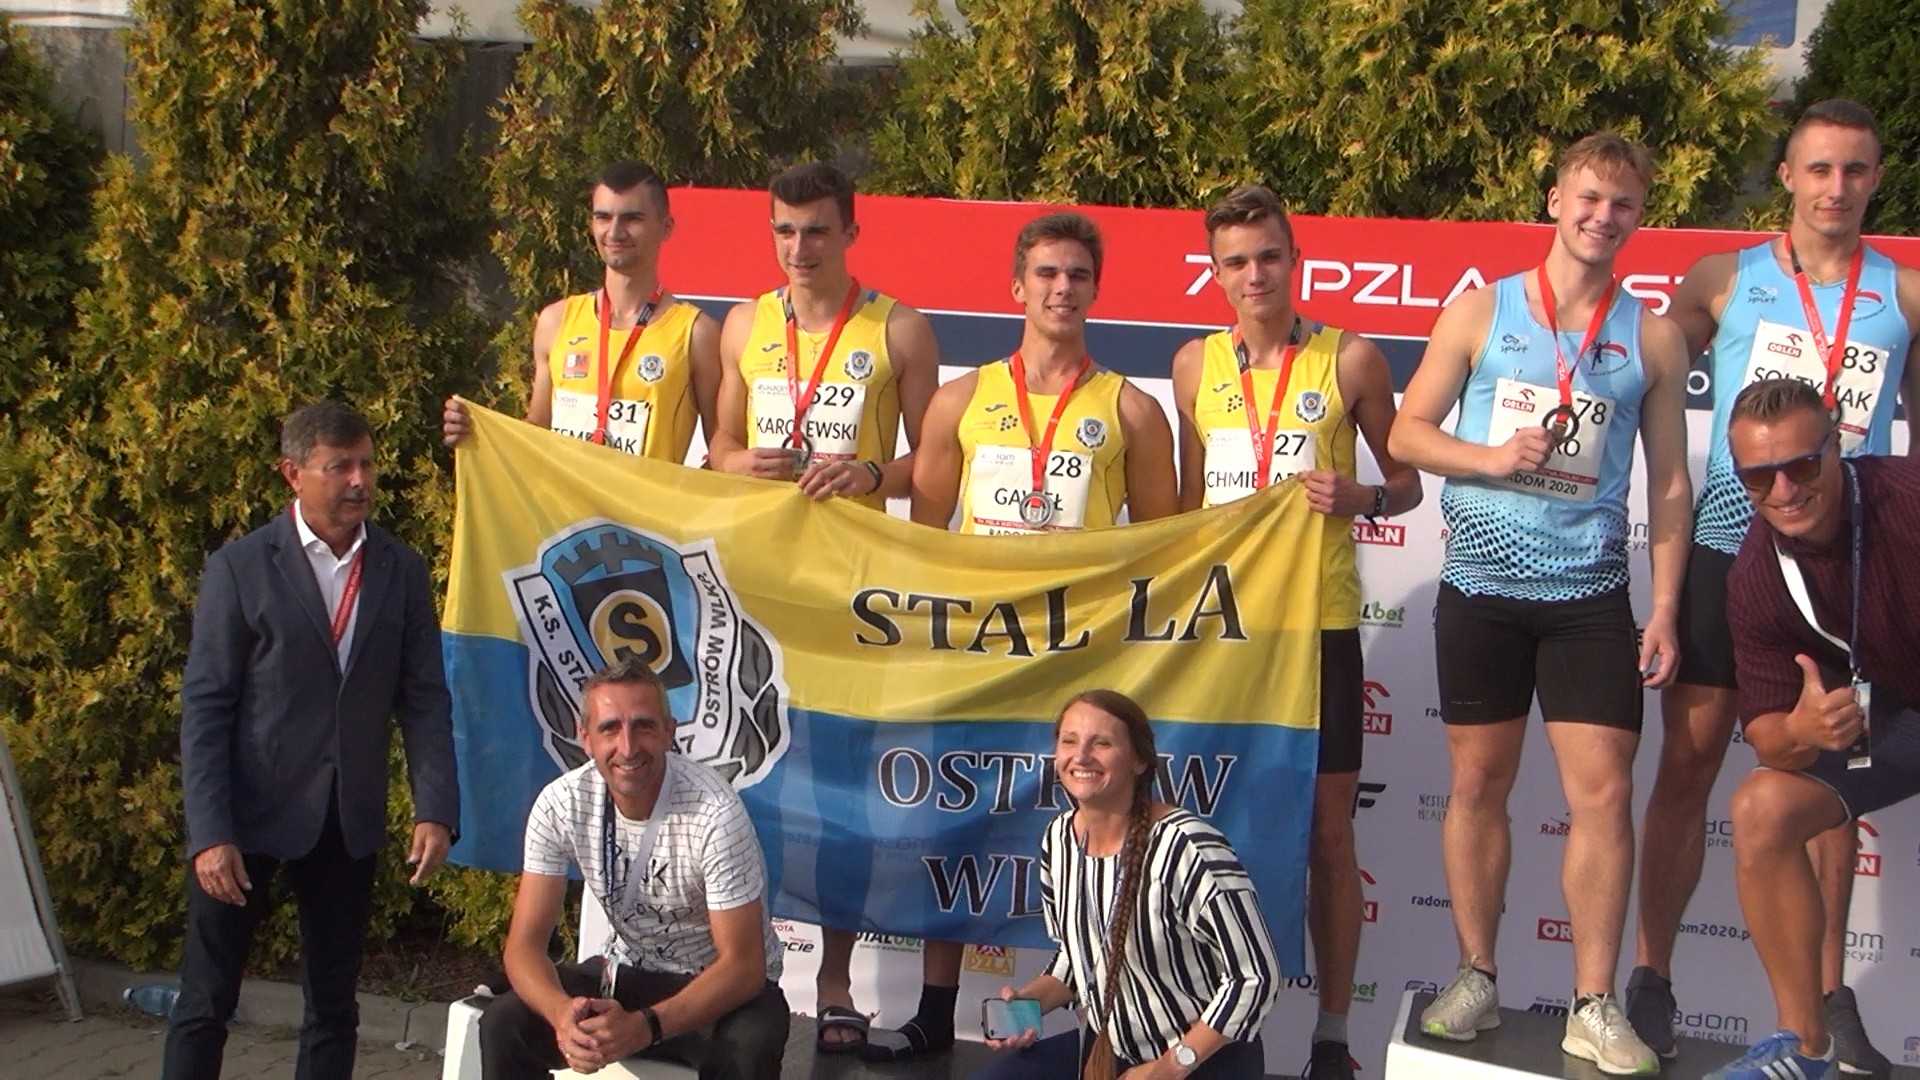 Sztafety 4×100 i 4×400 KS Stal LA Ostrów Wlkp. wróciły z Mistrzostw Polski U20 w Radomiu z dwoma medalami – srebrnym i brązowym. Przy okazji w sztafecie 4×400 m zawodnicy pobili 28 letni rekord Ostrowa Wielkopolskiego!!!